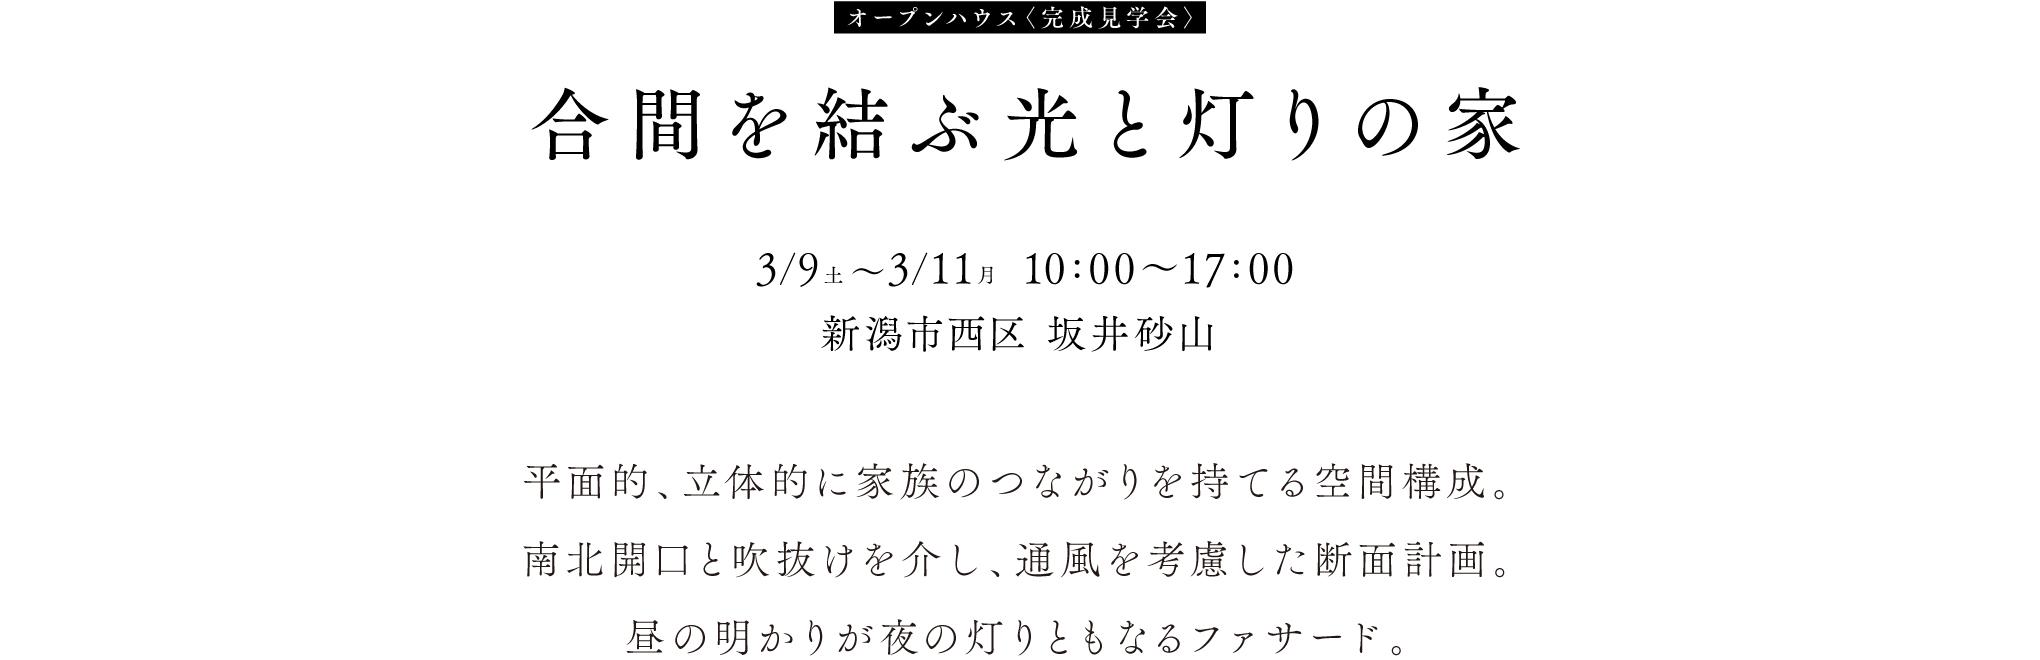 新潟市西区坂井砂山オープンハウス、期間3月9日から3月11日。 10:00〜17:00